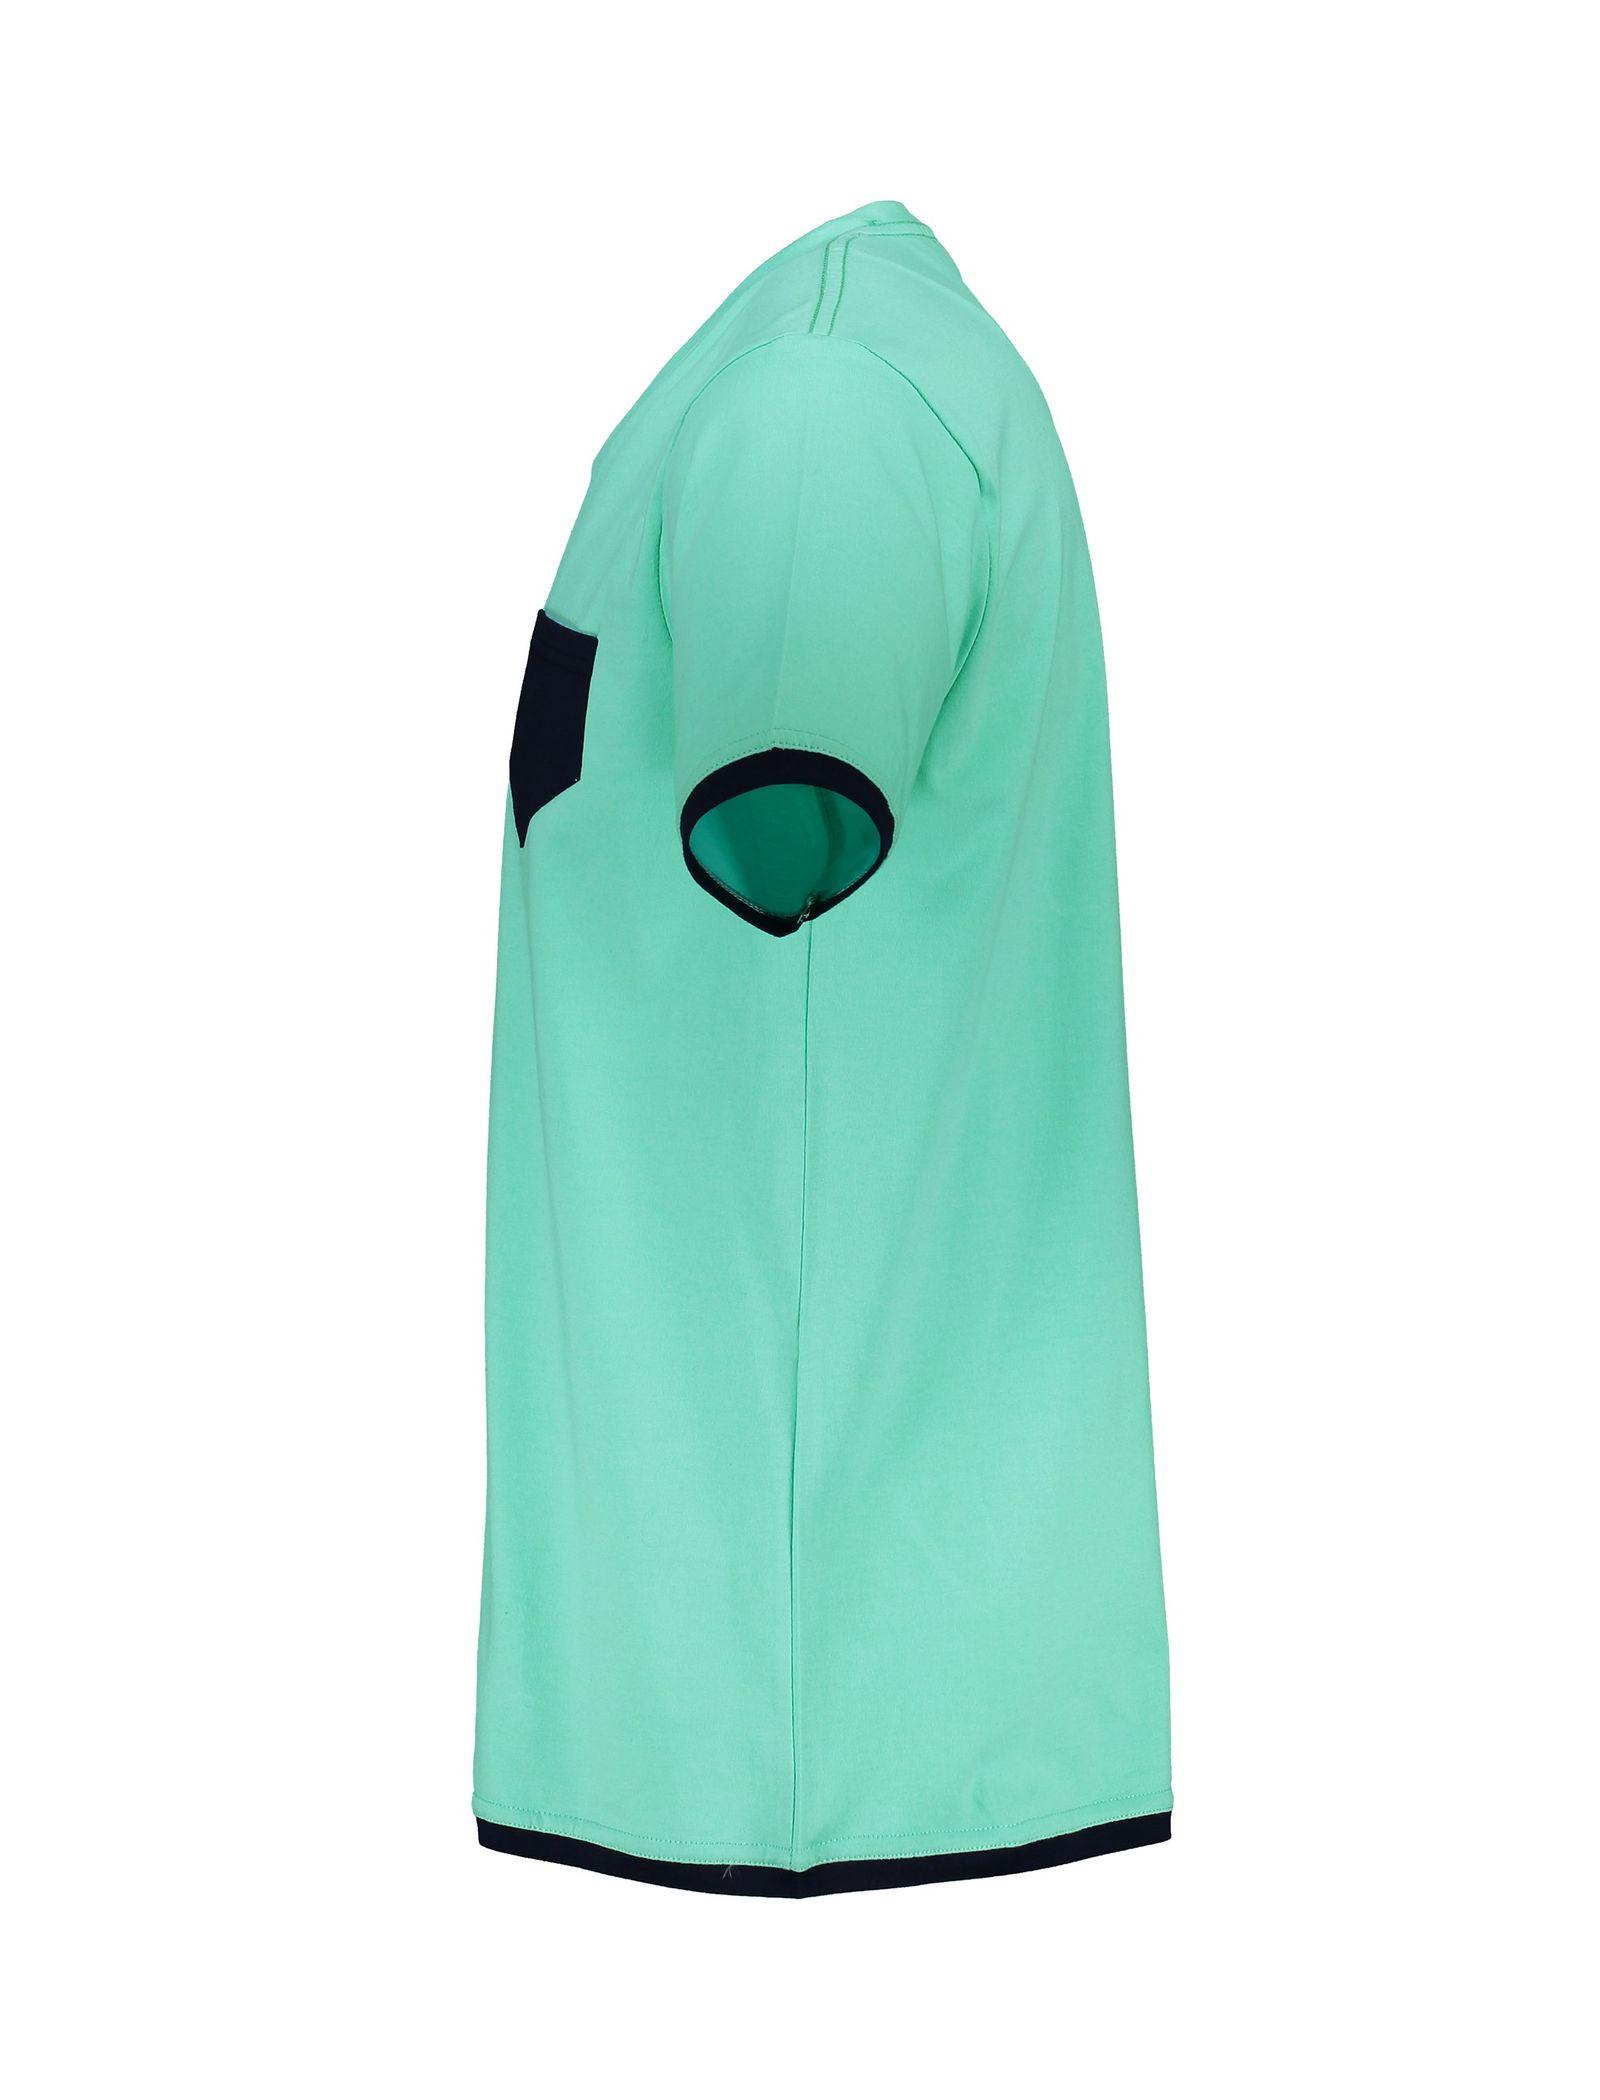 تی شرت و شلوار نخی راحتی مردانه - آر اِن اِس - سبز آبي - 4